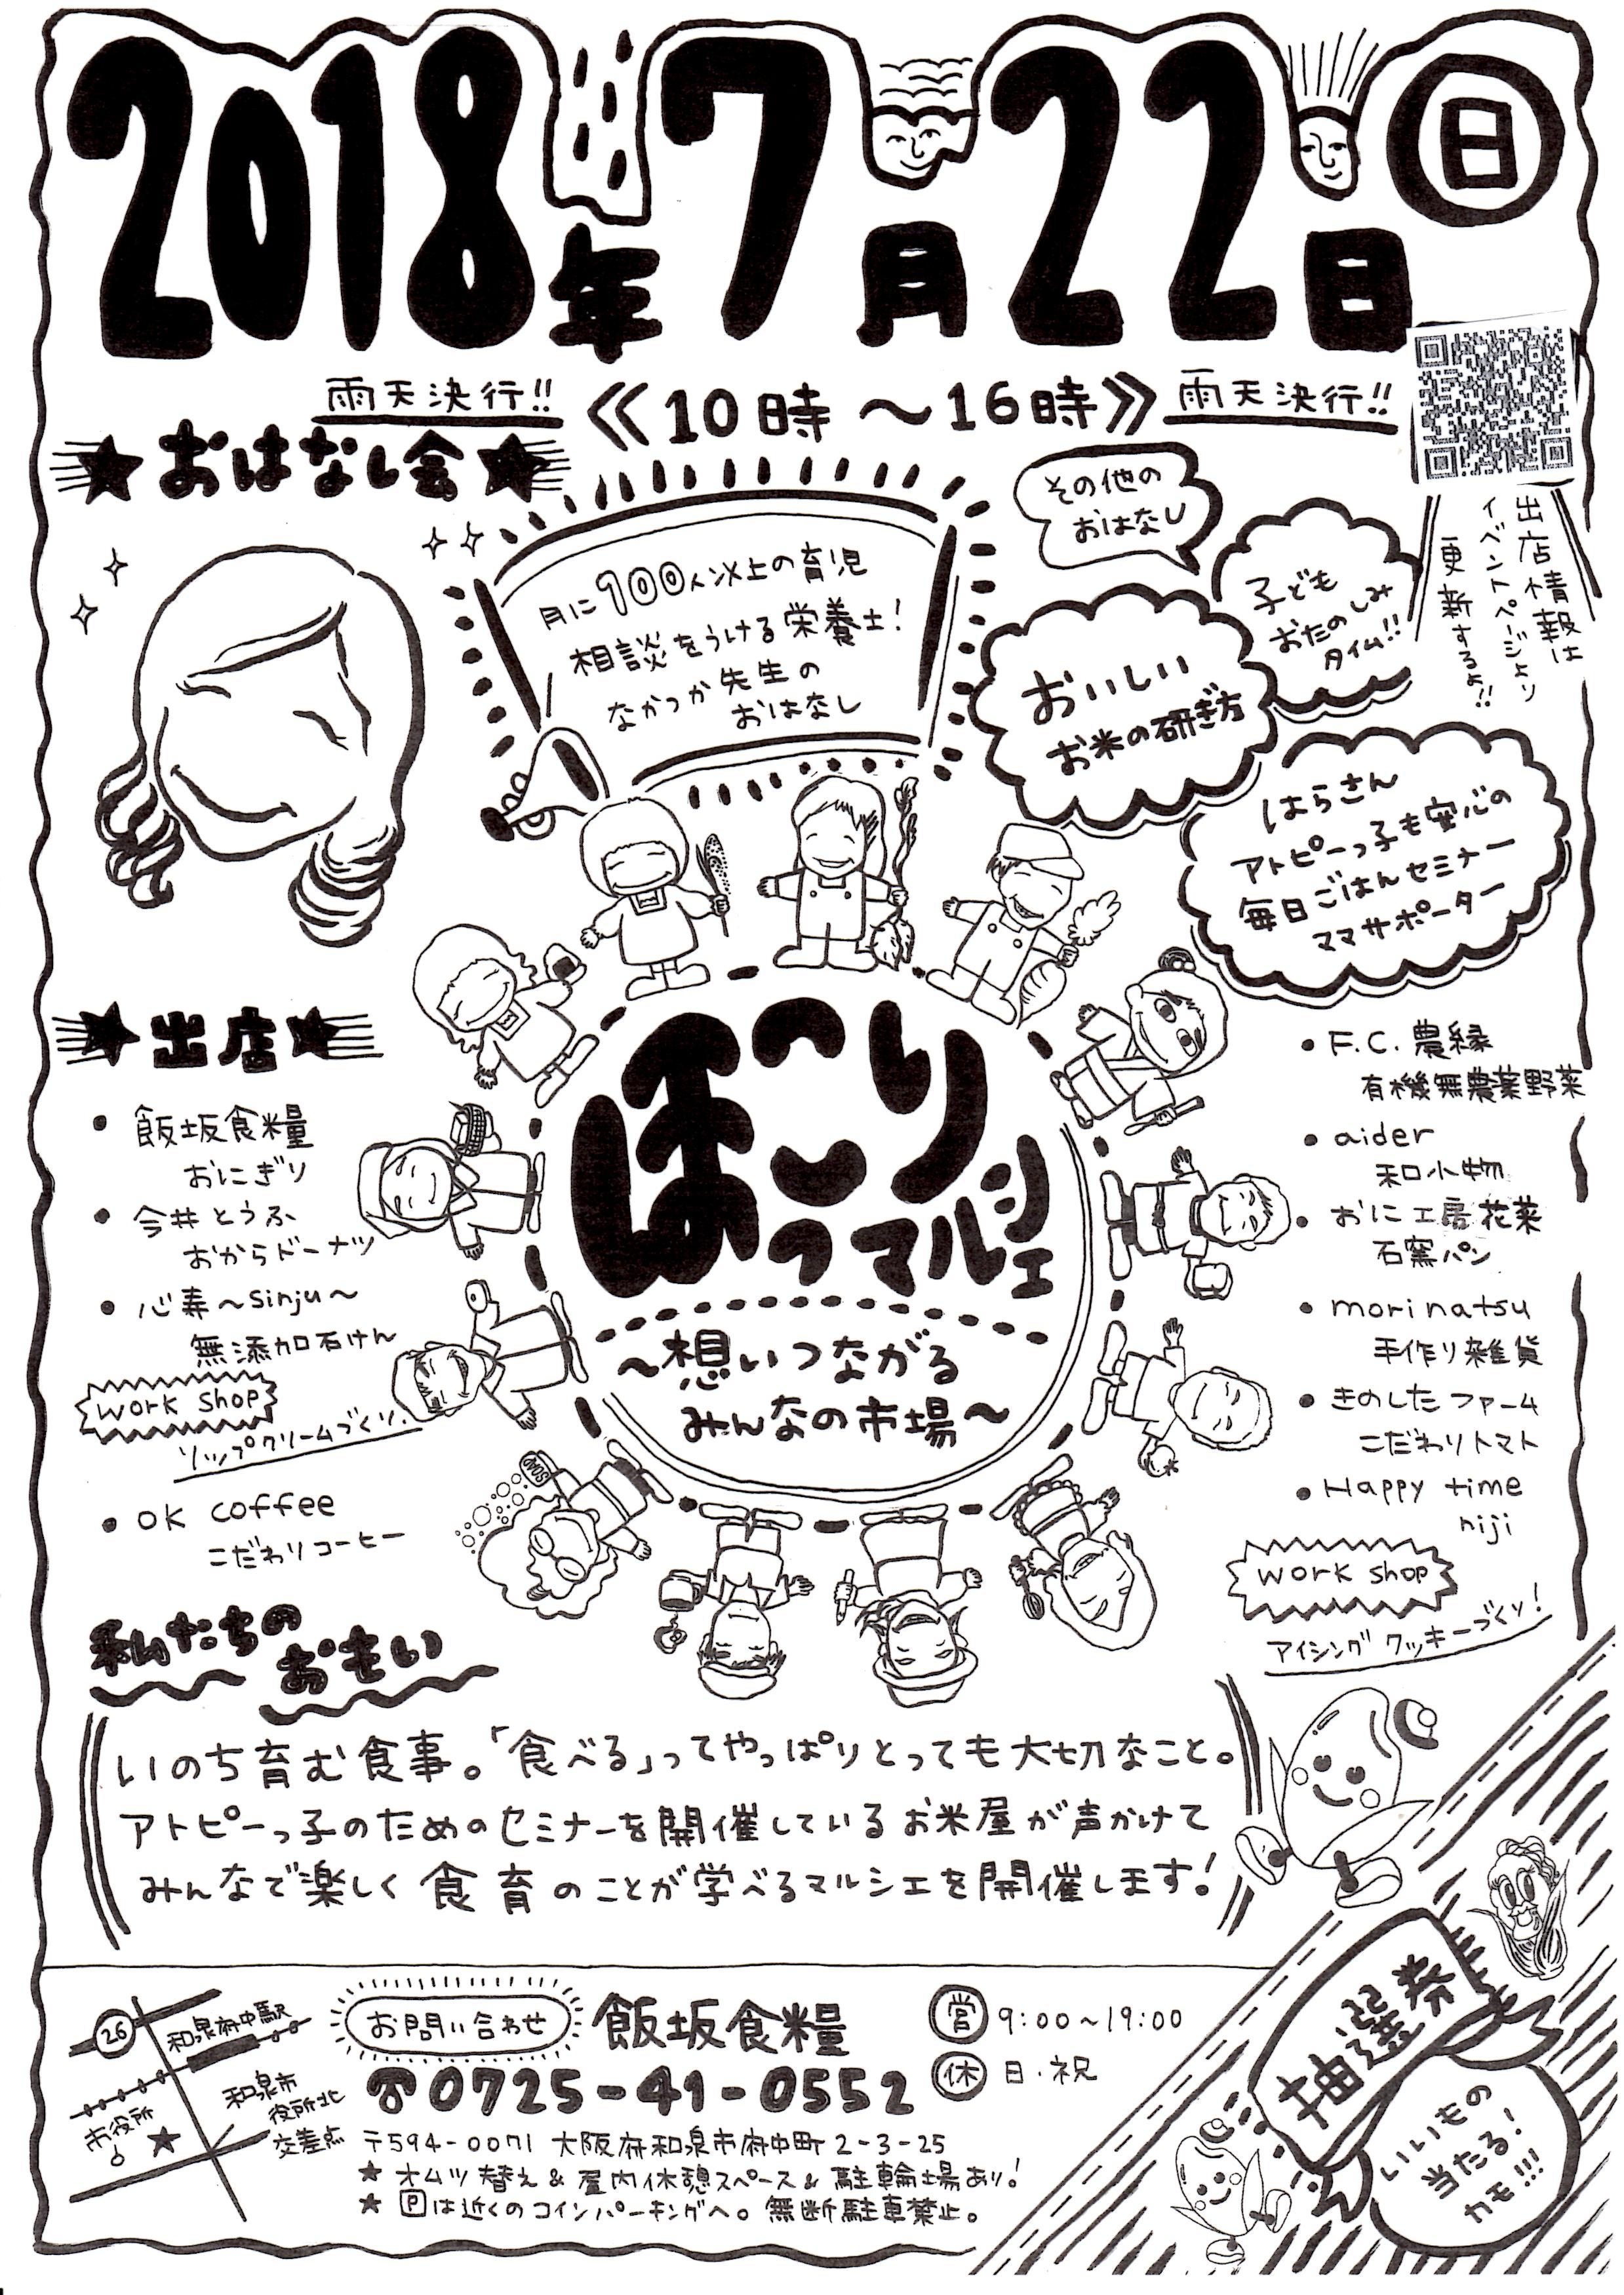 7月22日(日)開催!! ほっこりマルシェ~想いつながるみんなの市場~